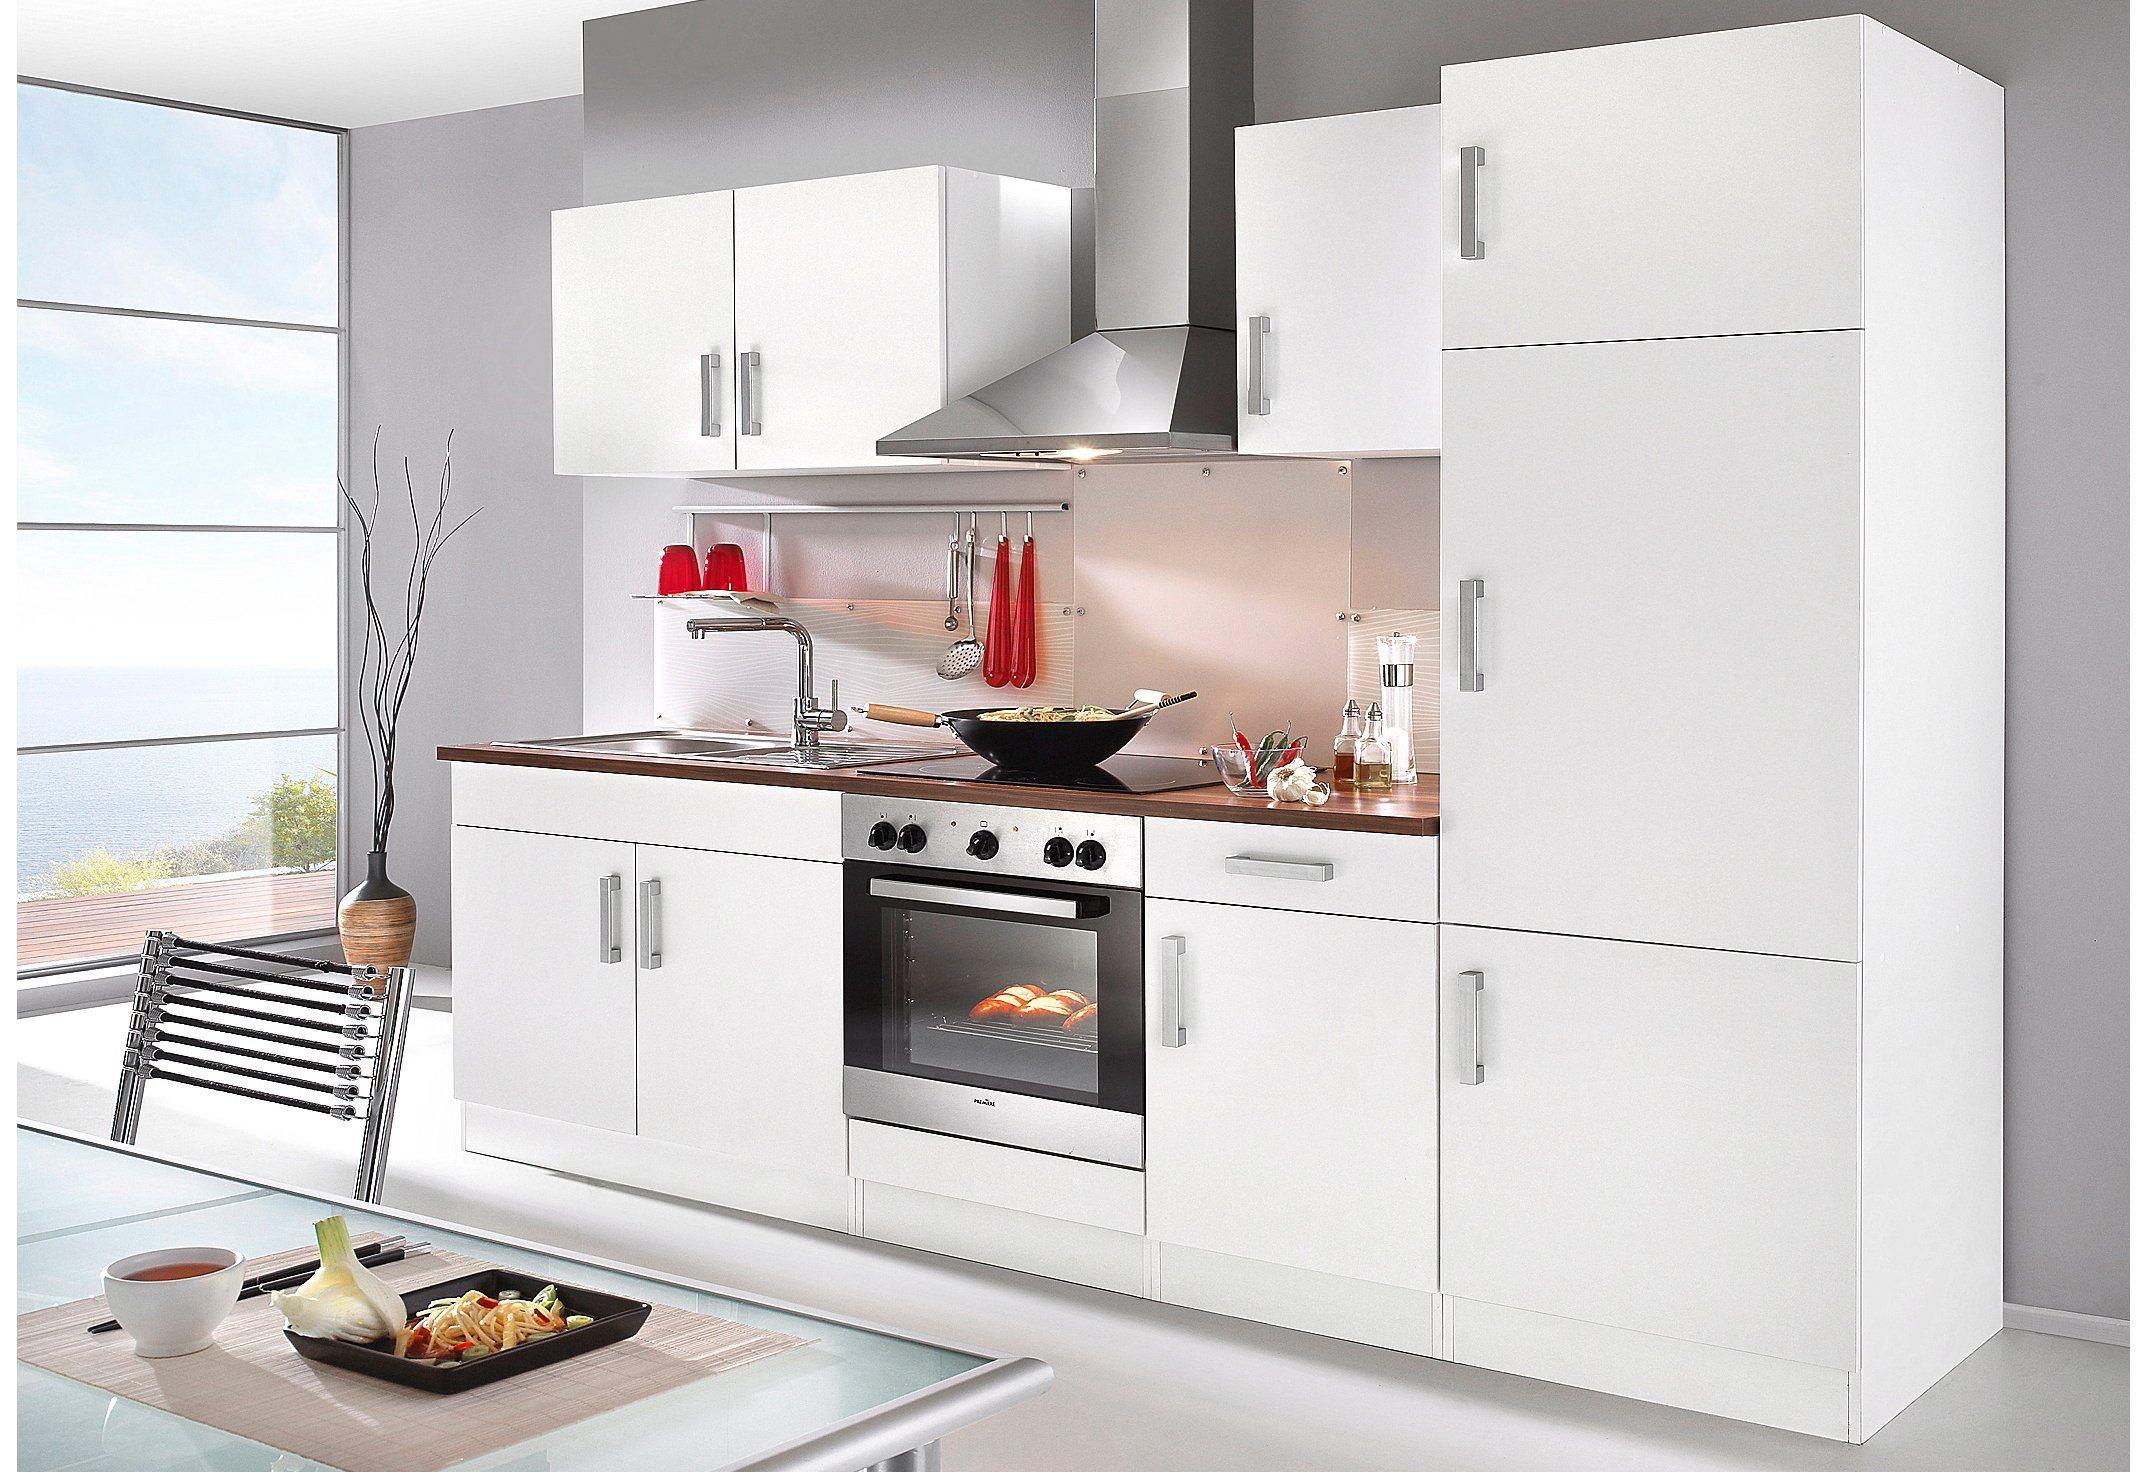 HELD MÖBEL Spülenschrank »Toronto, Breite 100 cm« | Küche und Esszimmer > Küchenschränke > Spülenschränke | Spanplatte | HELD MÖBEL